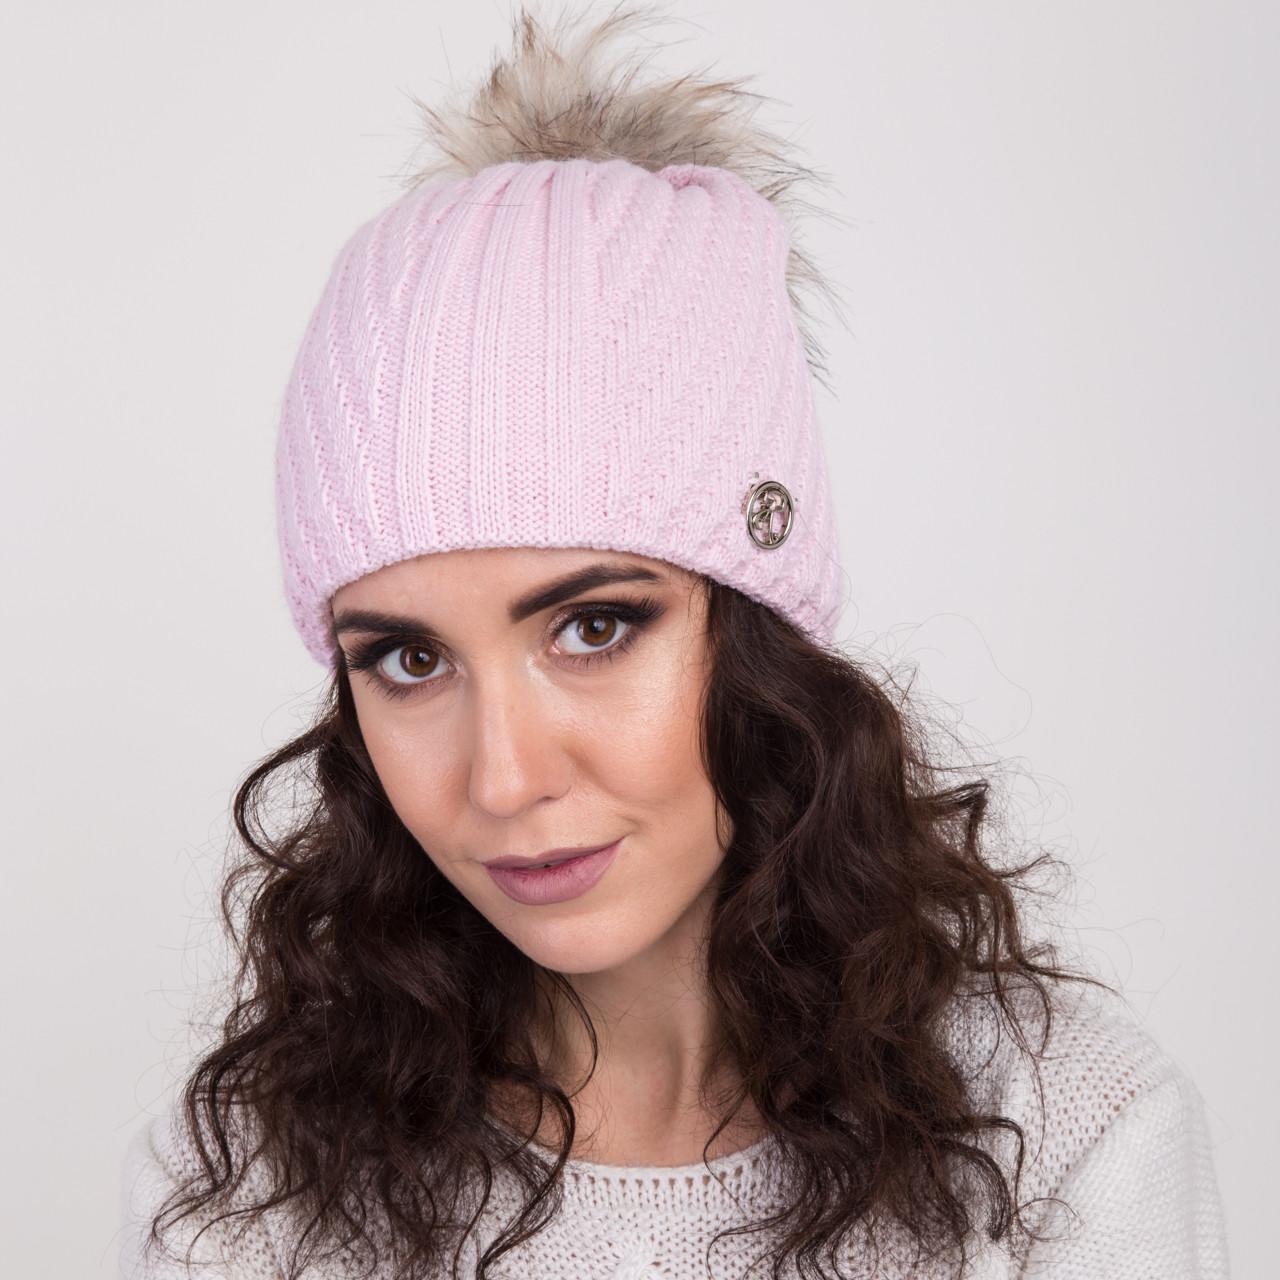 Женская вязанная шапка с меховым помпоном - зима 2018 - Артикул 2148 (розовый)